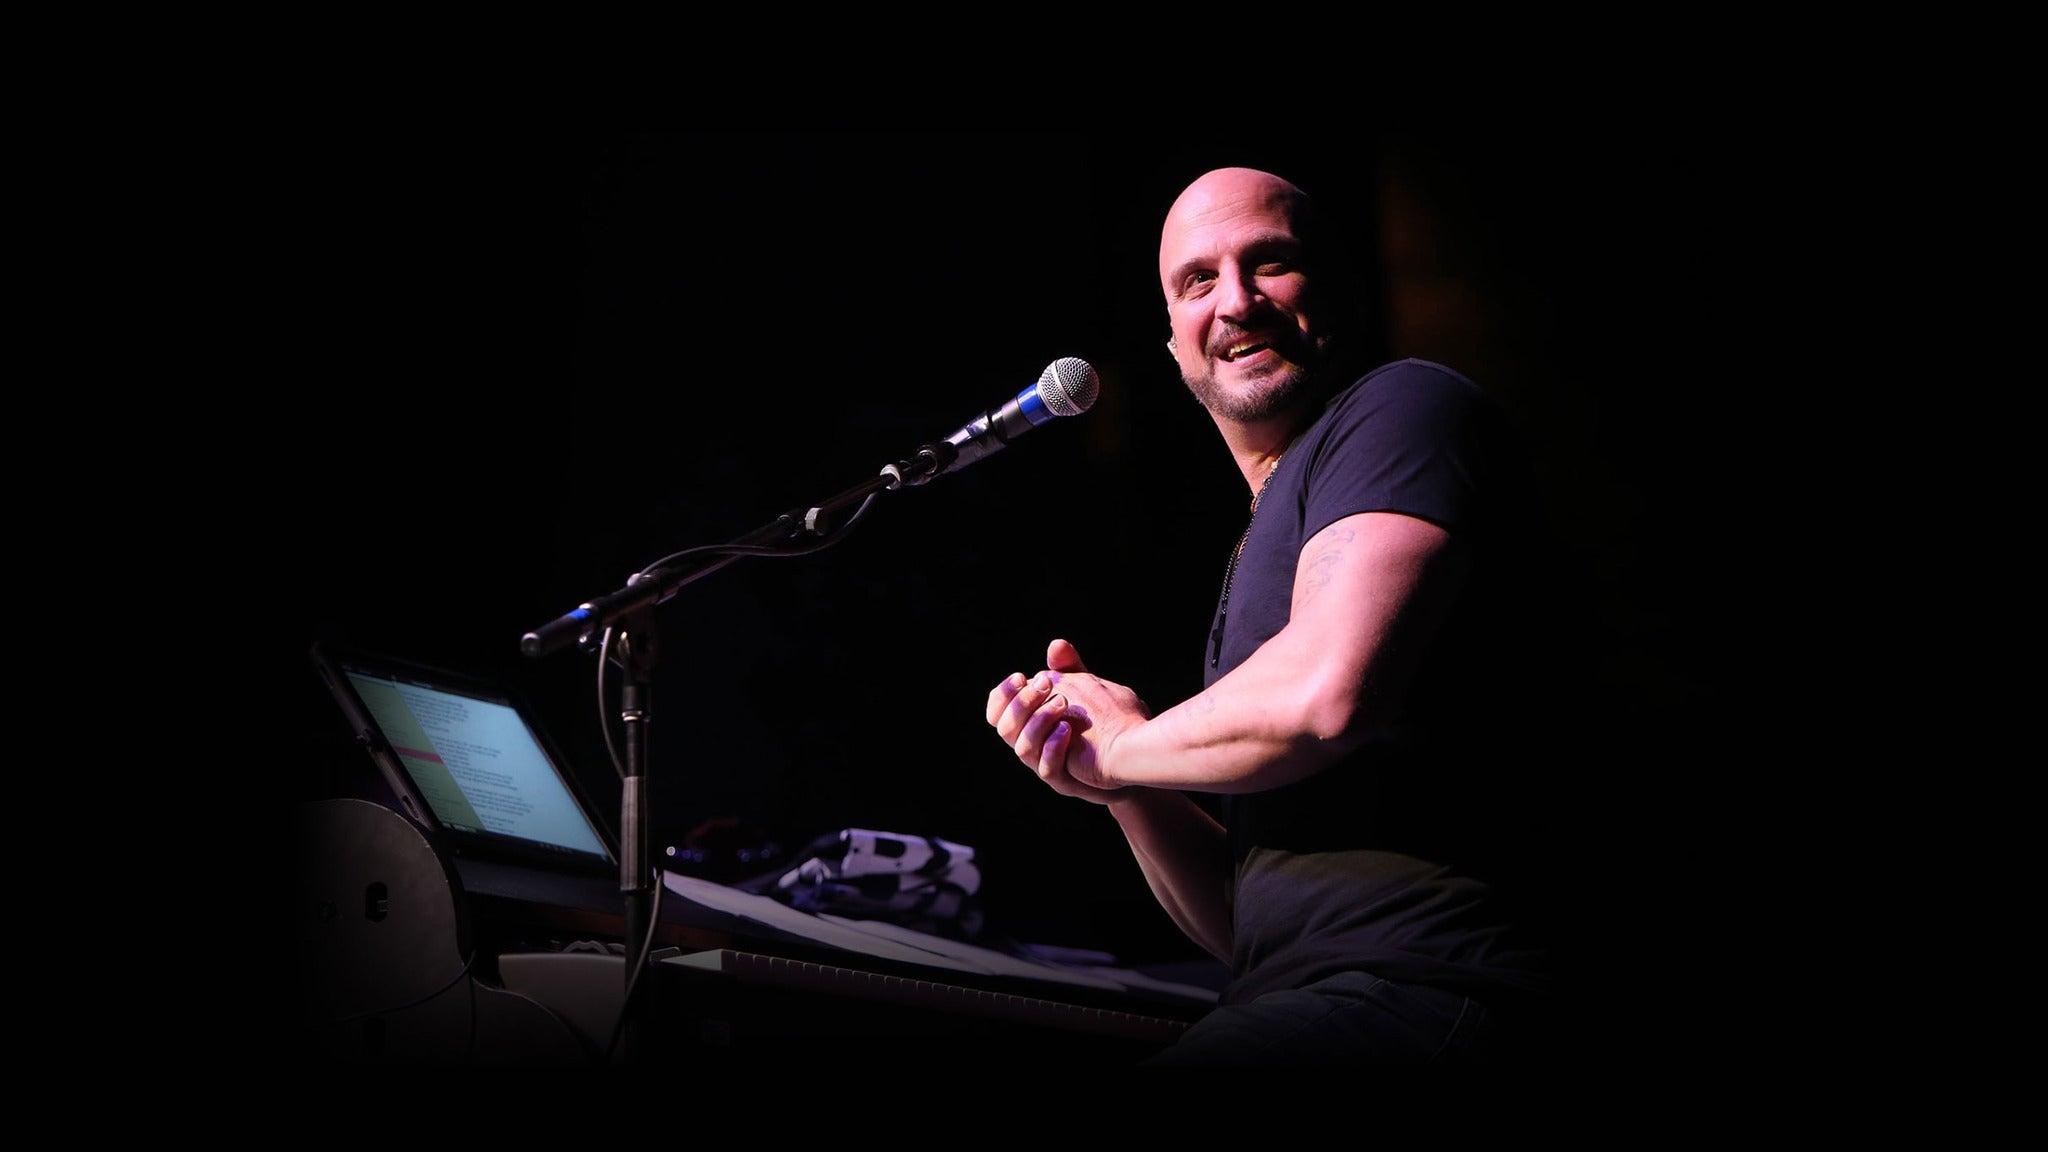 TD Presents: Mike DelGuidice & Big Shot - A Concert for Veterans